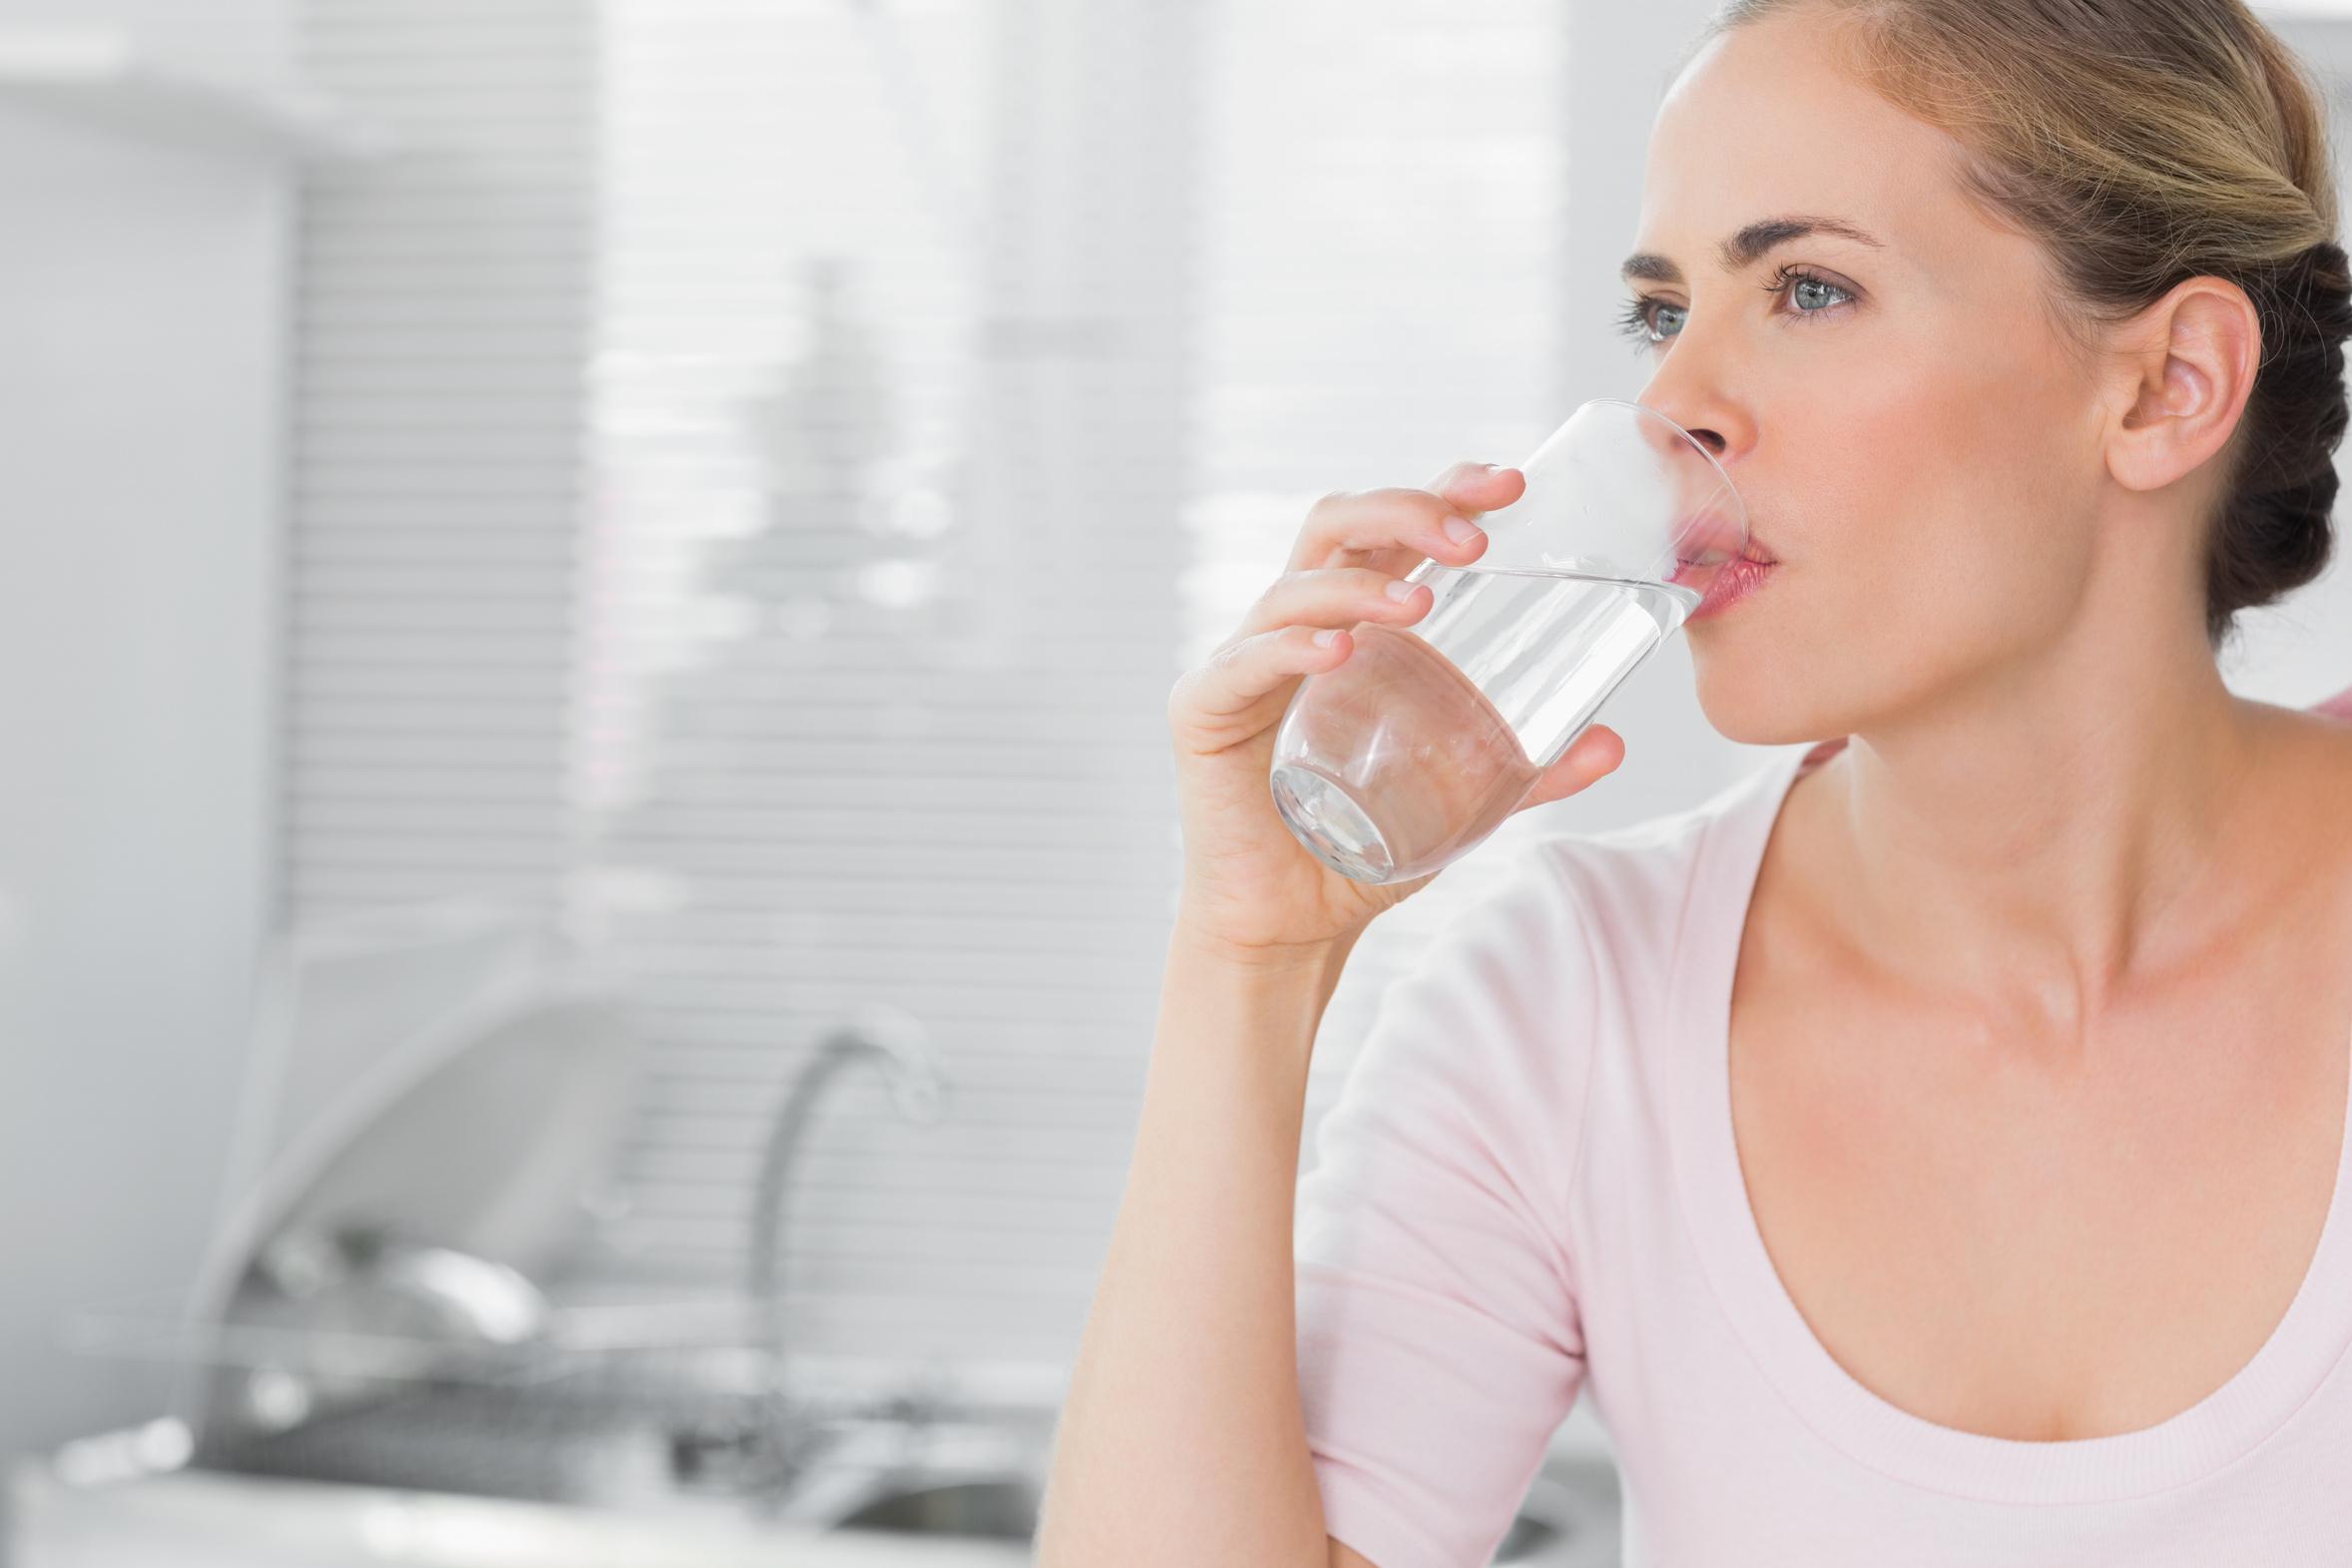 نظام غذائي صحي في رمضان: يُنصح بشرب ليتر ونصف الليتر إلى ليترين من الماء